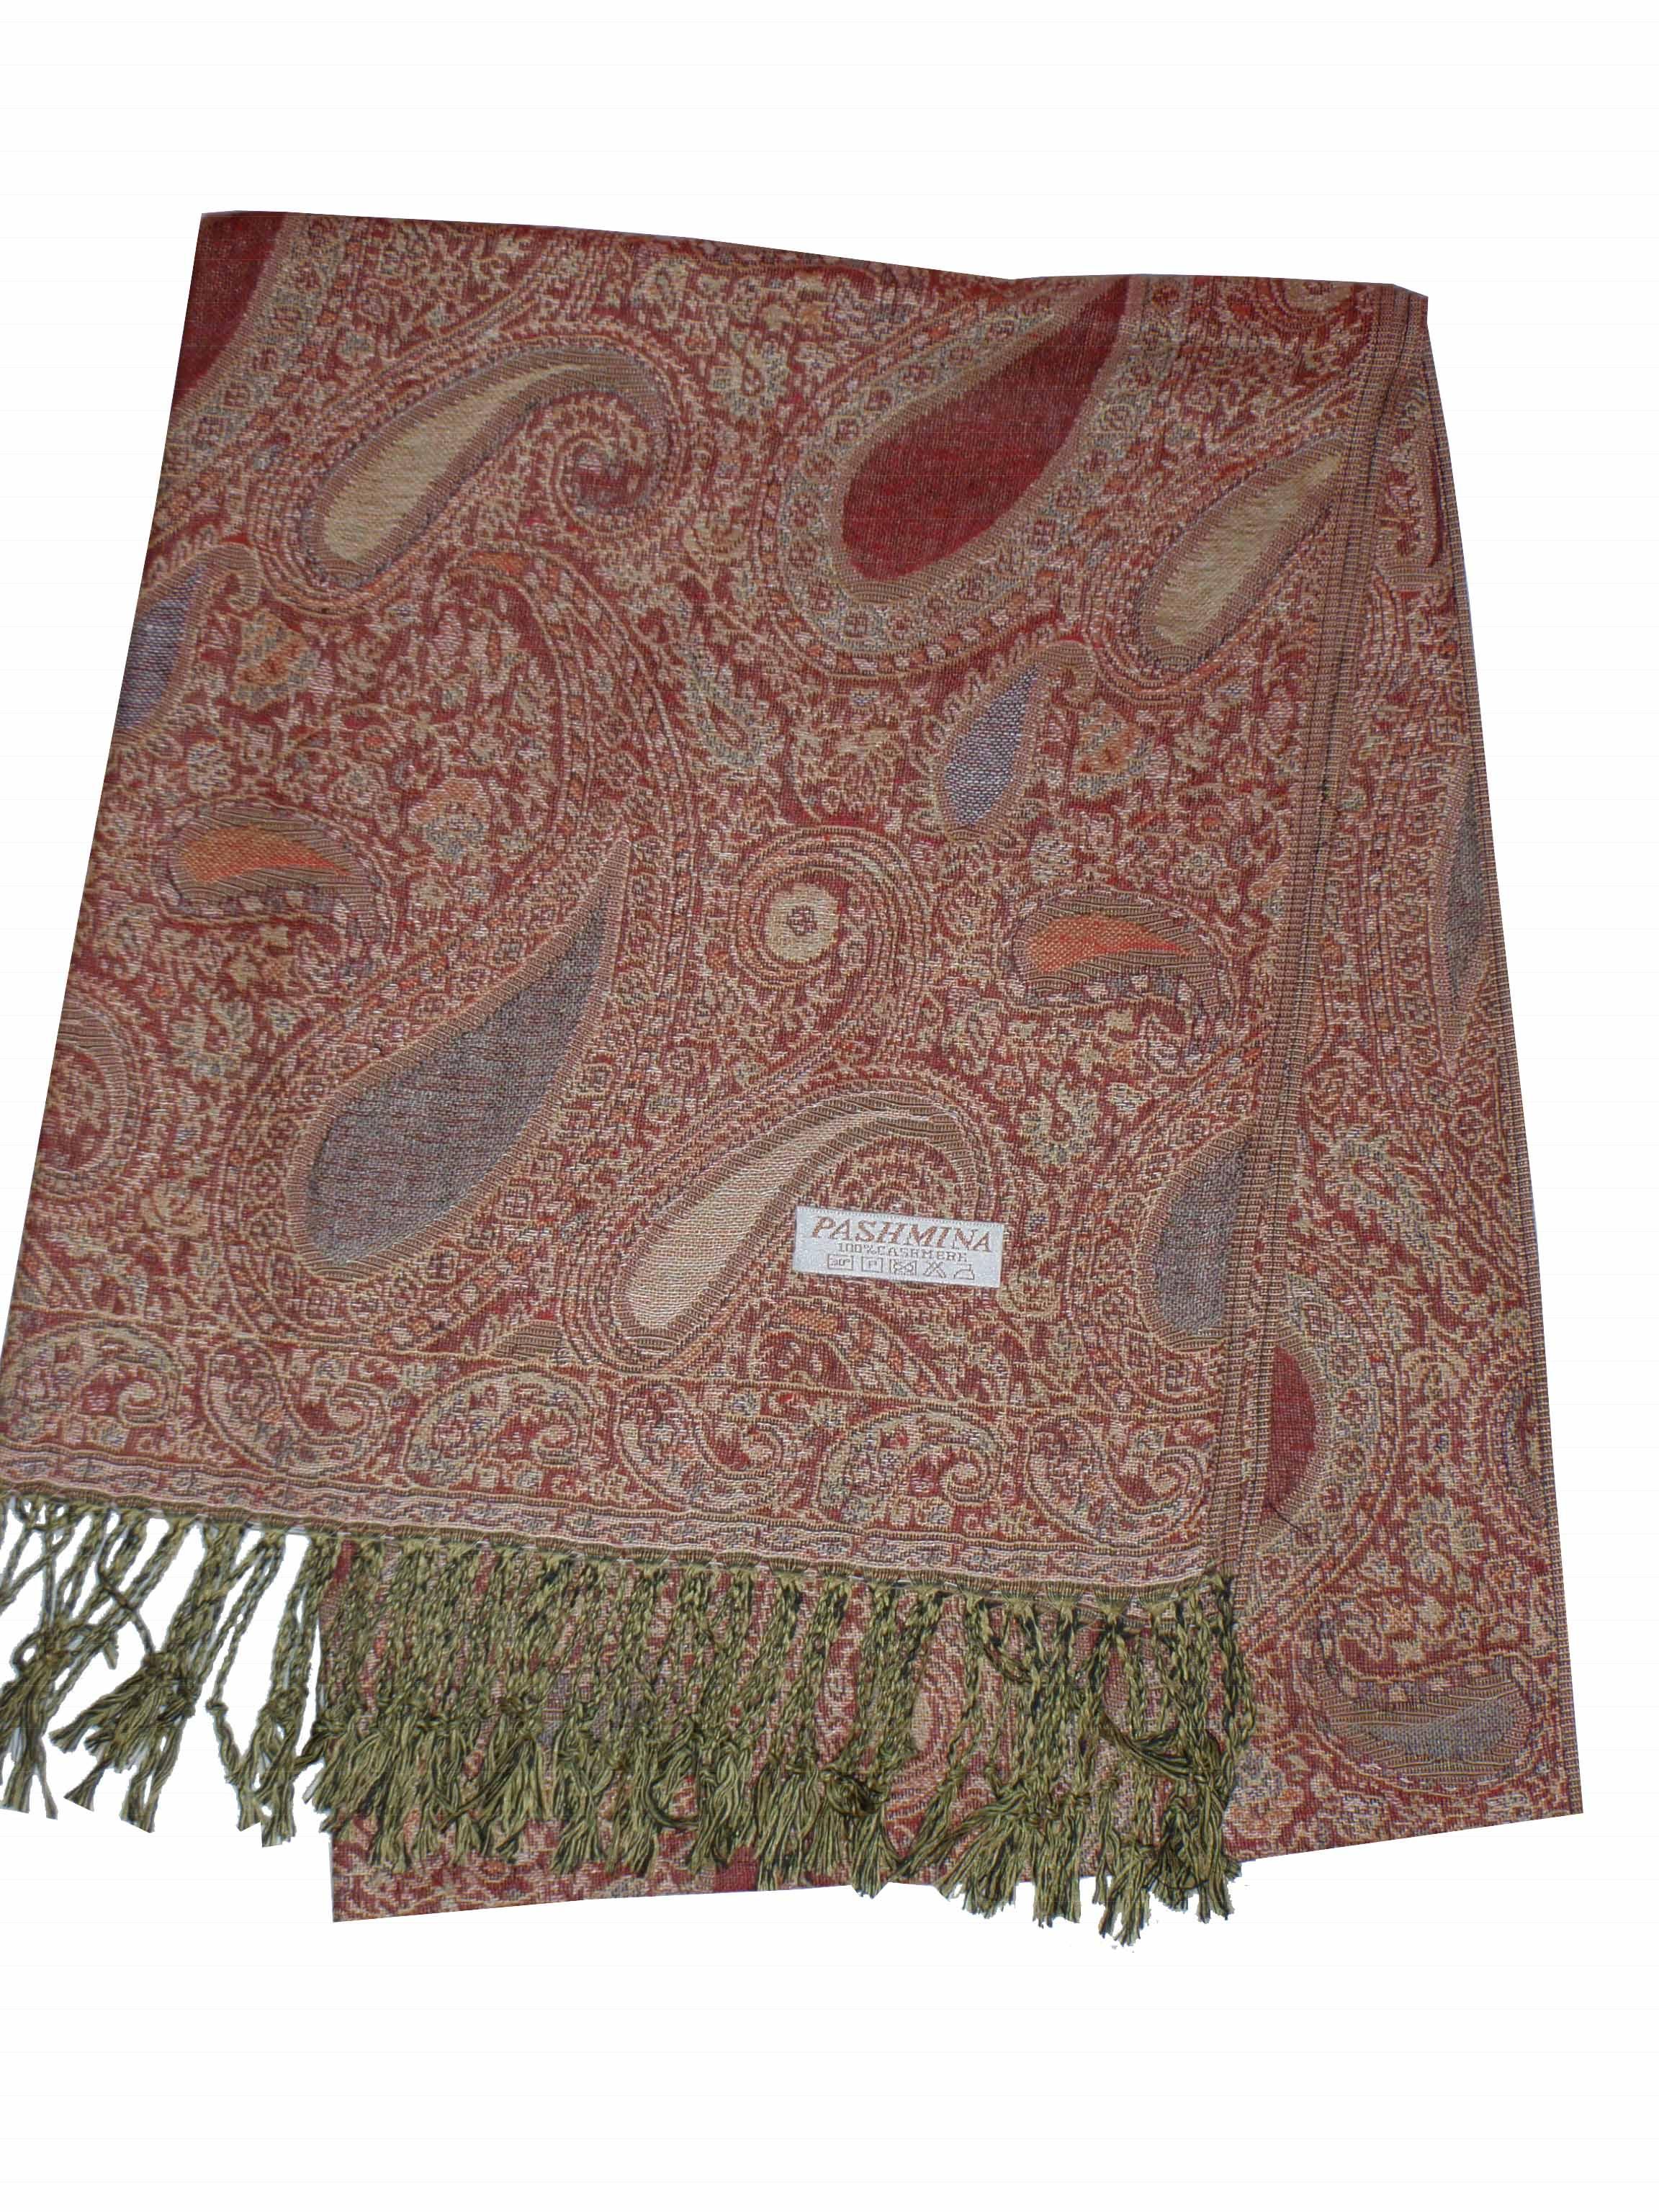 Kašmírový šál Luxus červený 3. Kašmírový šál oranžový 7b900143af